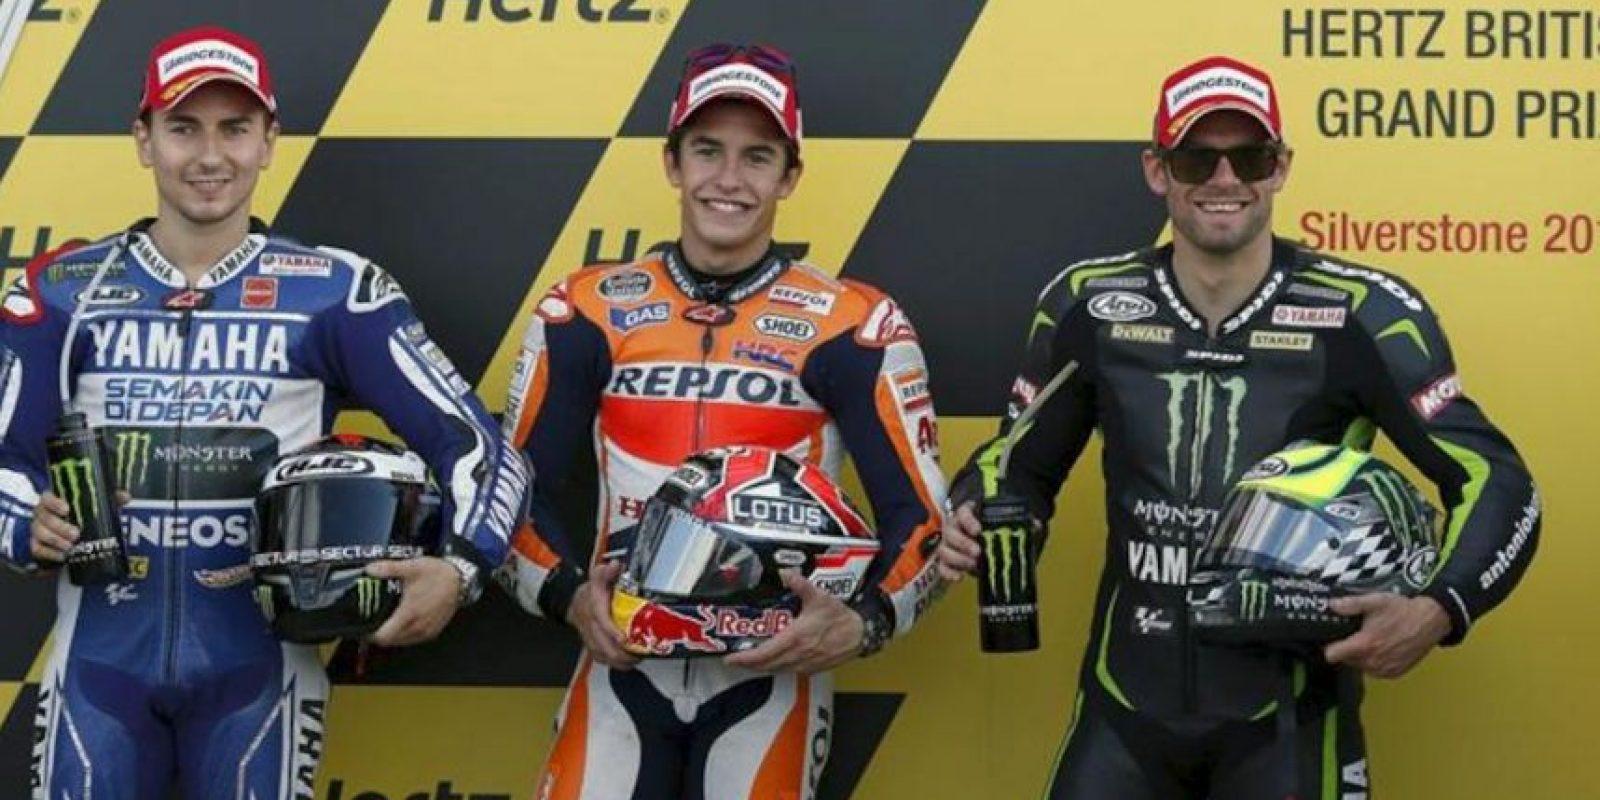 El español Marc Márquez (Repsol Honda) ganó hoy a su compatriota Jorge Lorenzo (Yamaha) el mano a mano que mantuvo con él en los entrenamientos clasificatorios del Gran Premio de Gran Bretaña de MotoGP en el circuito de Silverstone. EFE